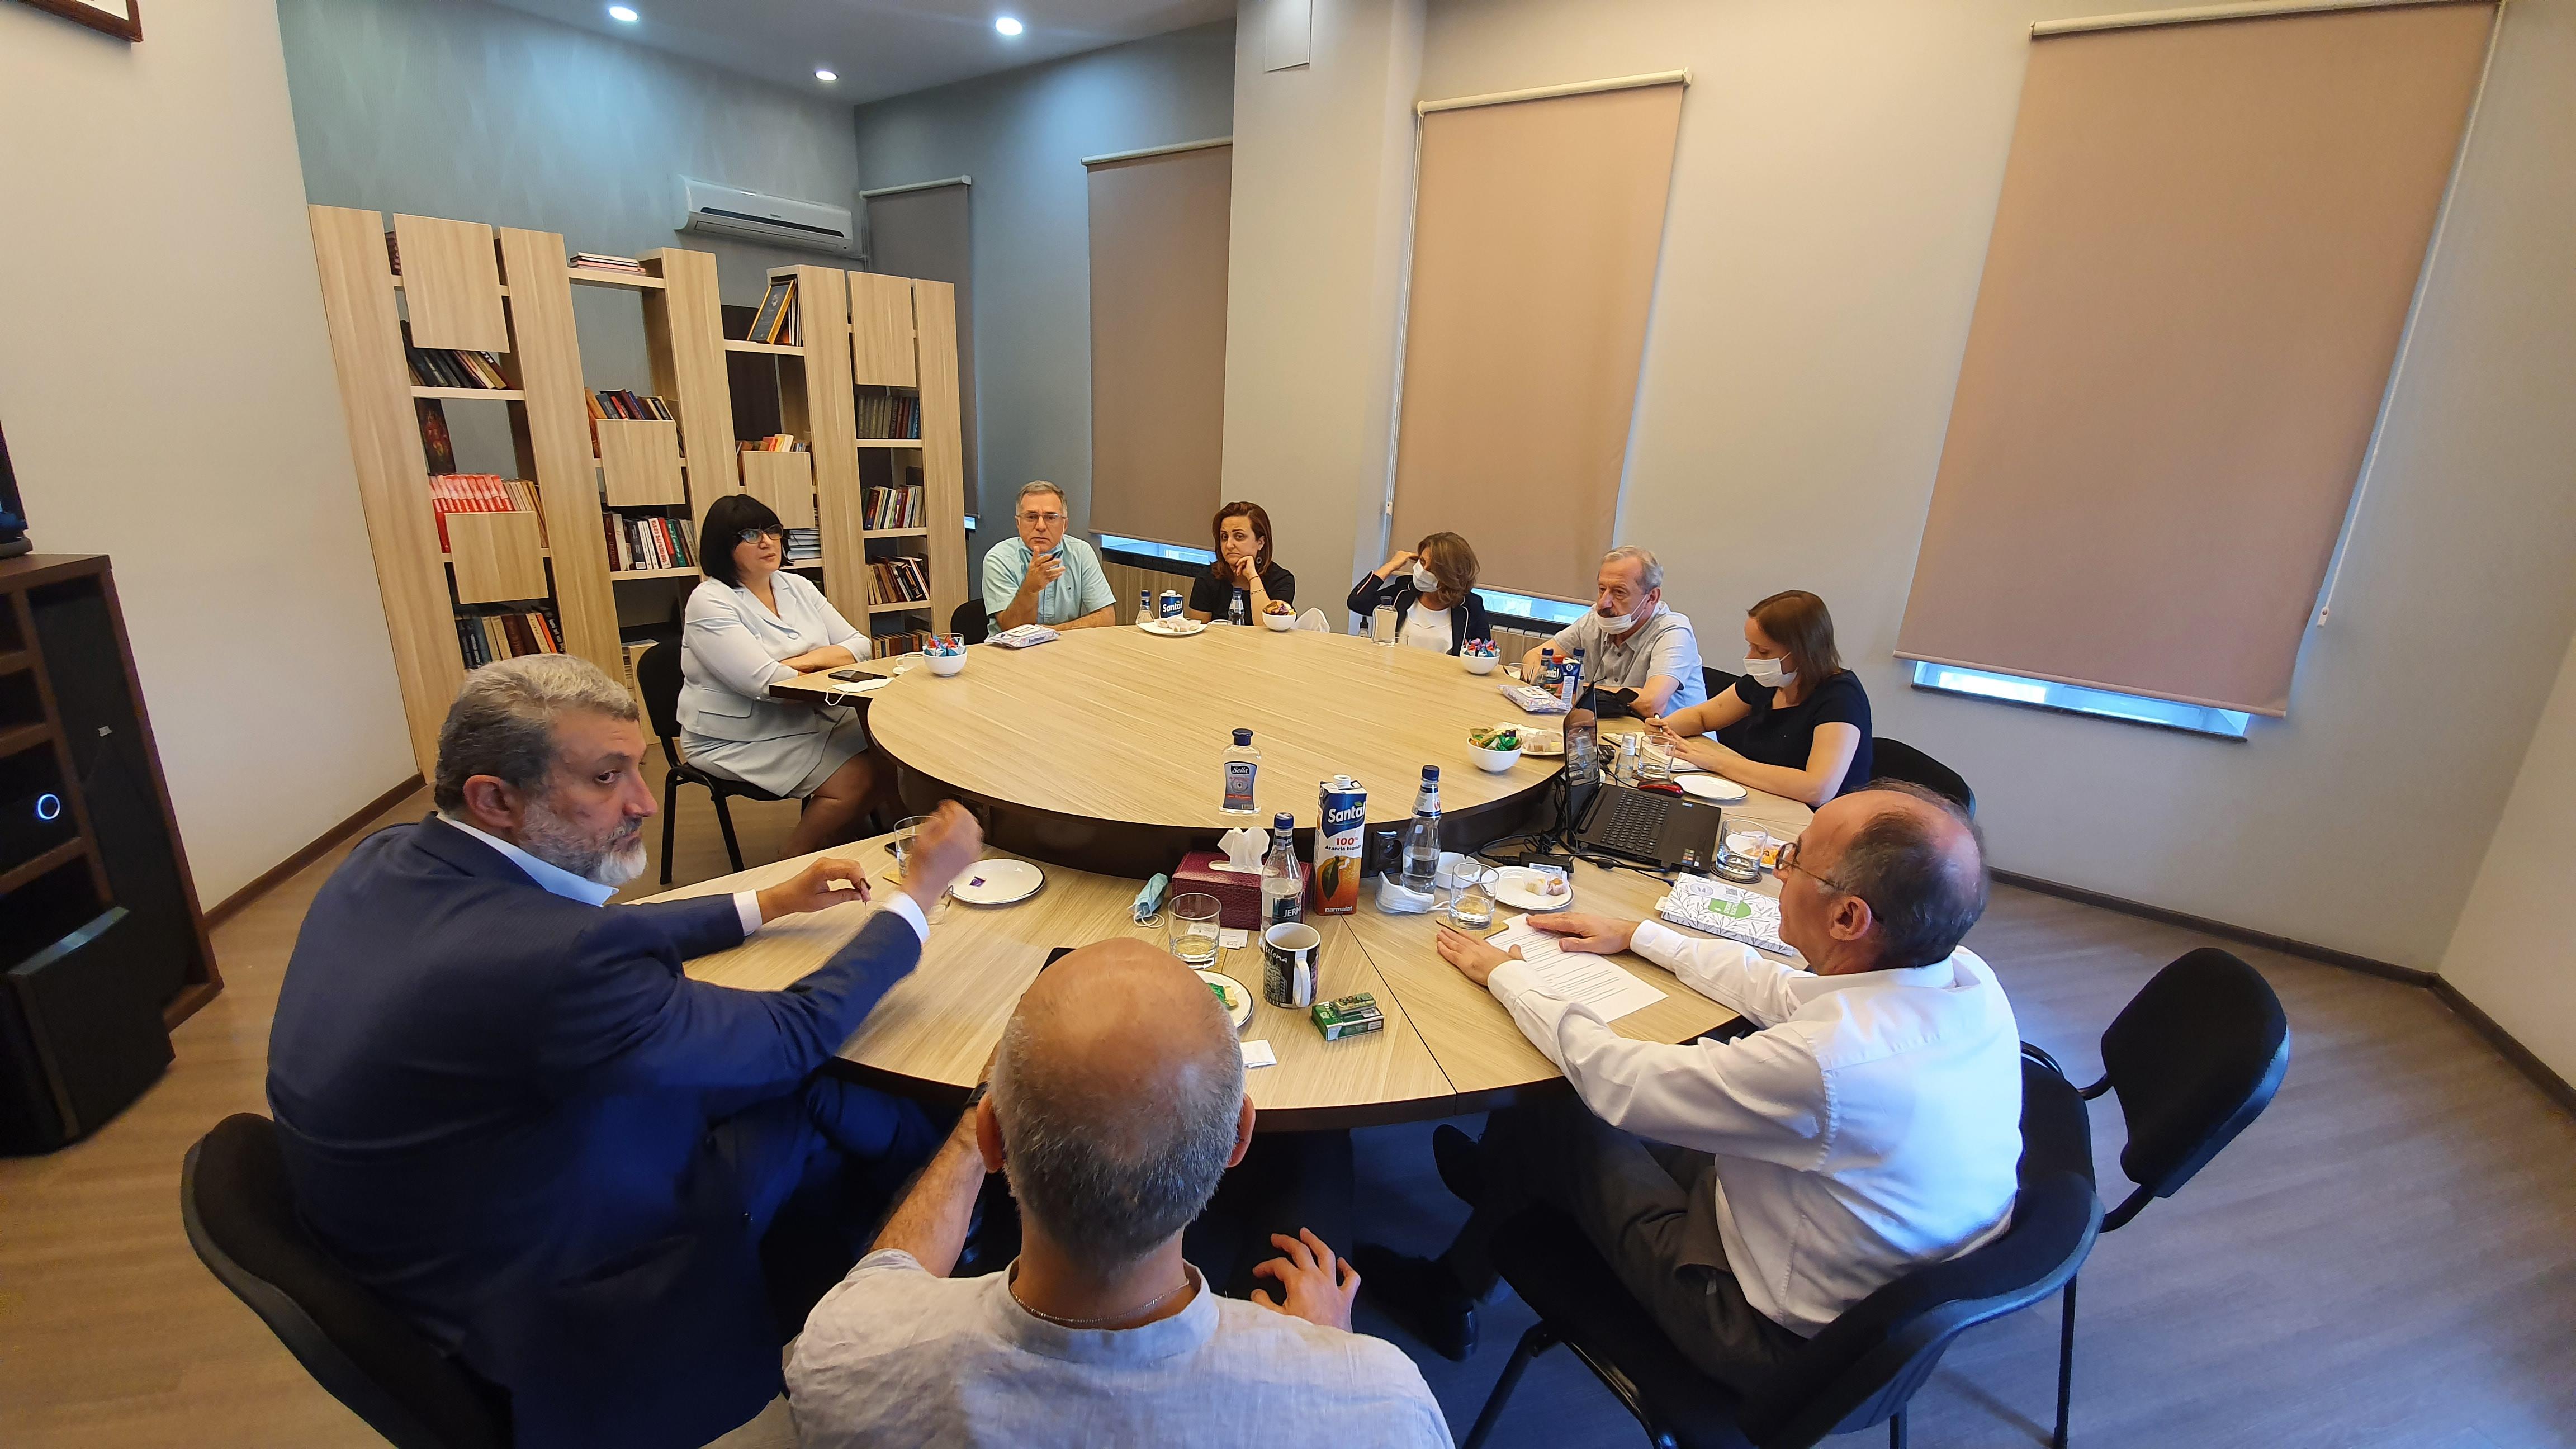 Խորհուրդն ընդունել է Վրաստանից ժամանած մասնագետների պատվիրակությանը